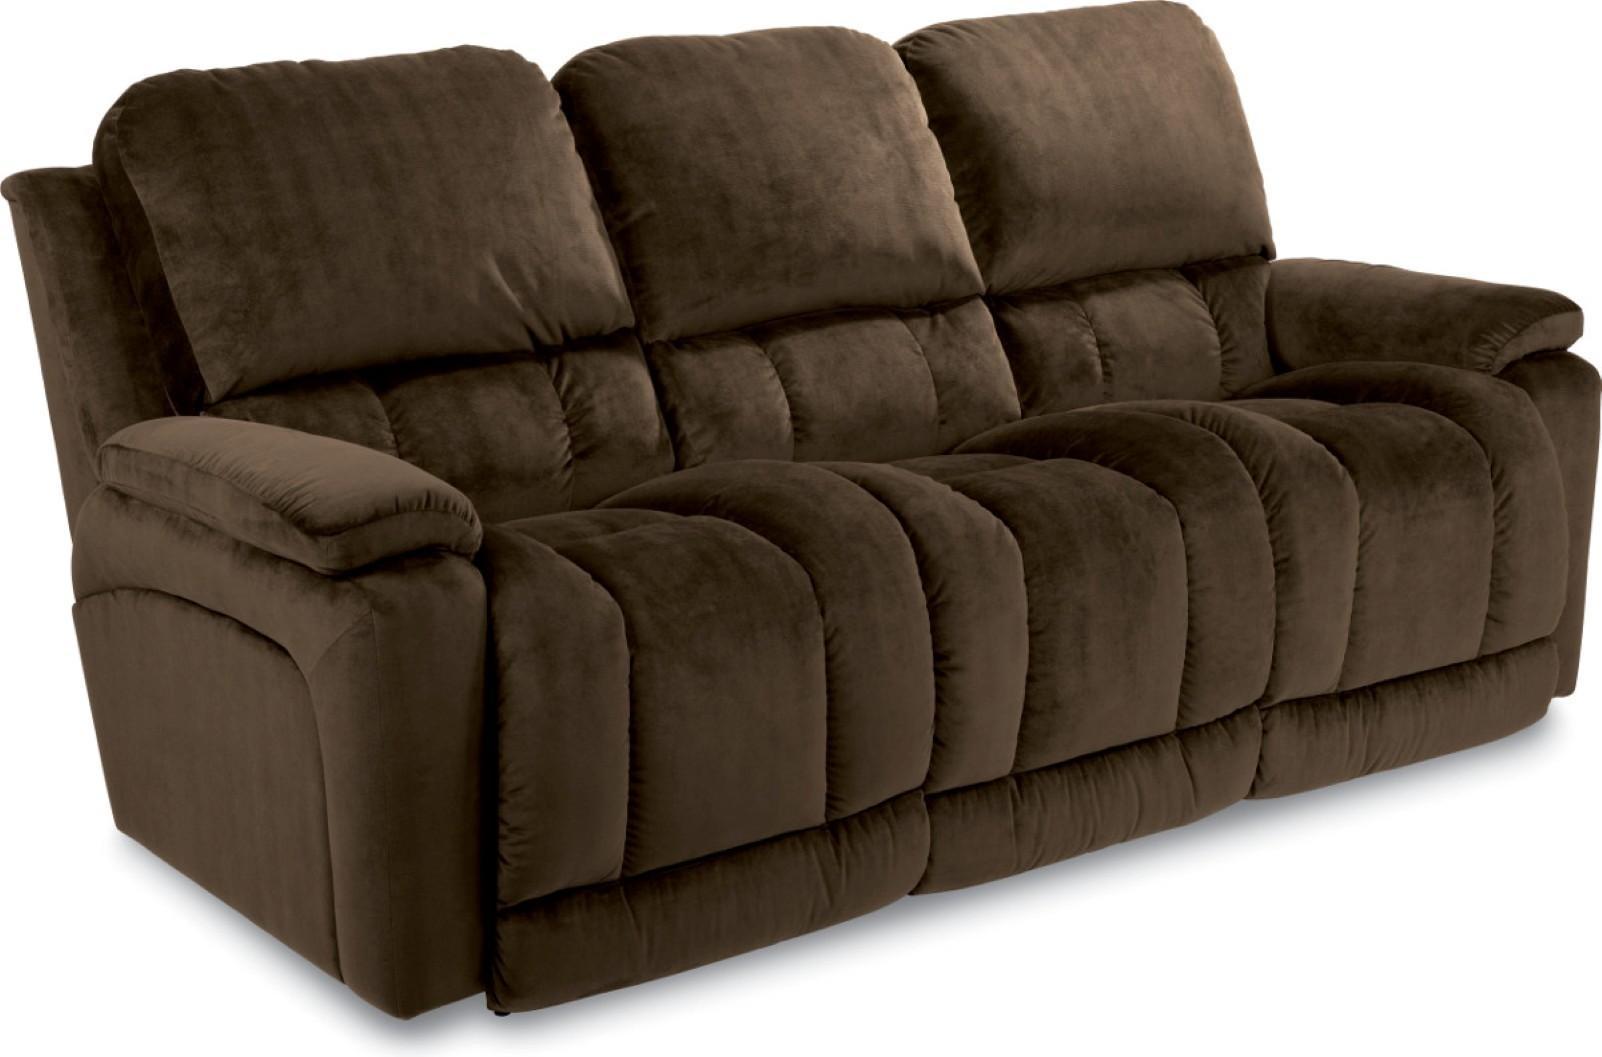 Sofas Center : Dreaded Lazy Boy Sofa Image Concept Lazboy William Inside Lazy Boy Sofas (View 19 of 20)